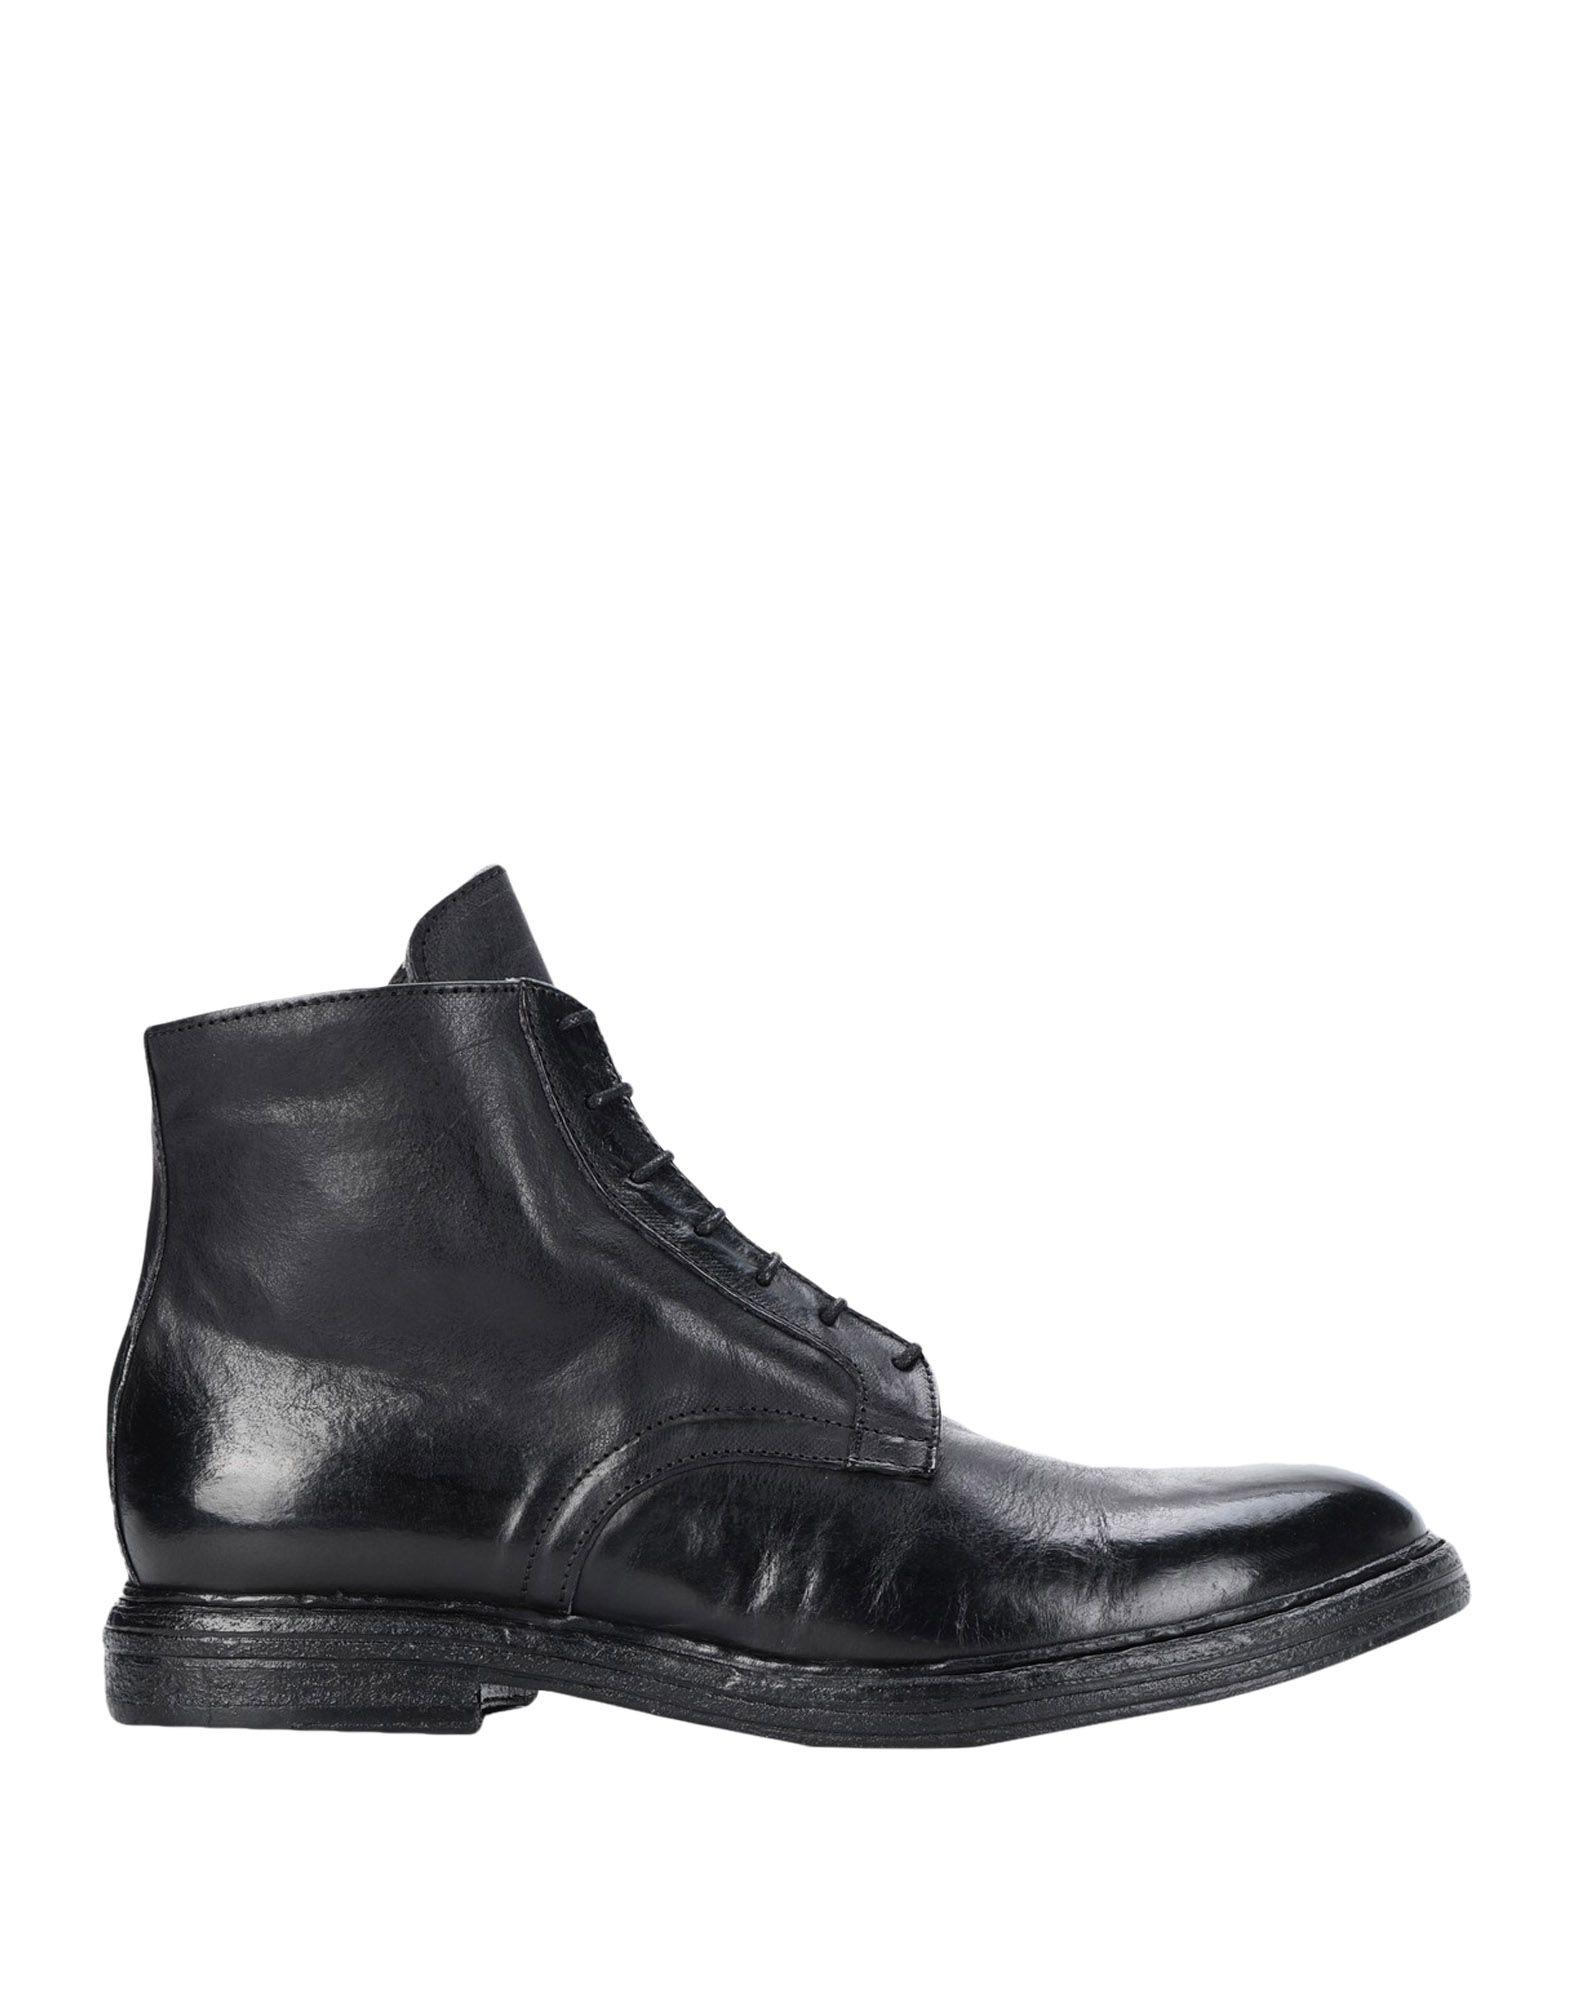 8 by YOOX Полусапоги и высокие ботинки ботинки дерби кожаные на шнуровке elinor